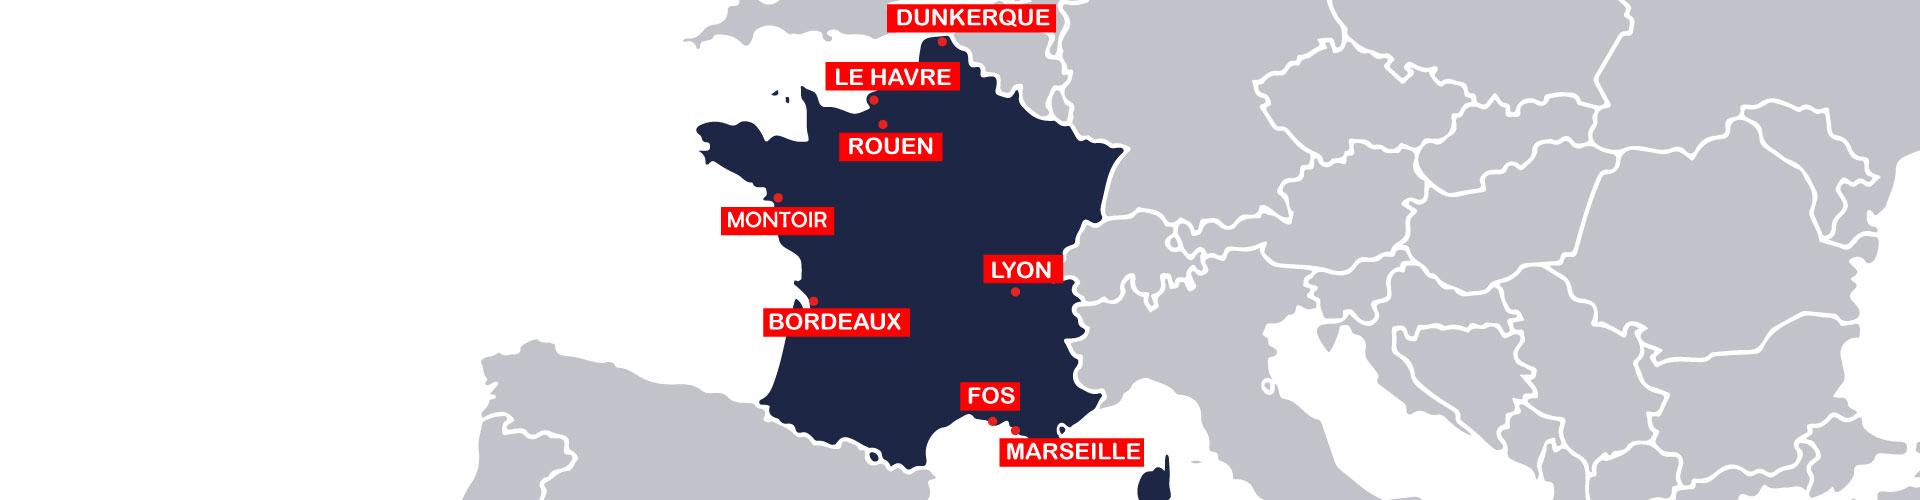 map FRANCE_2.jpg